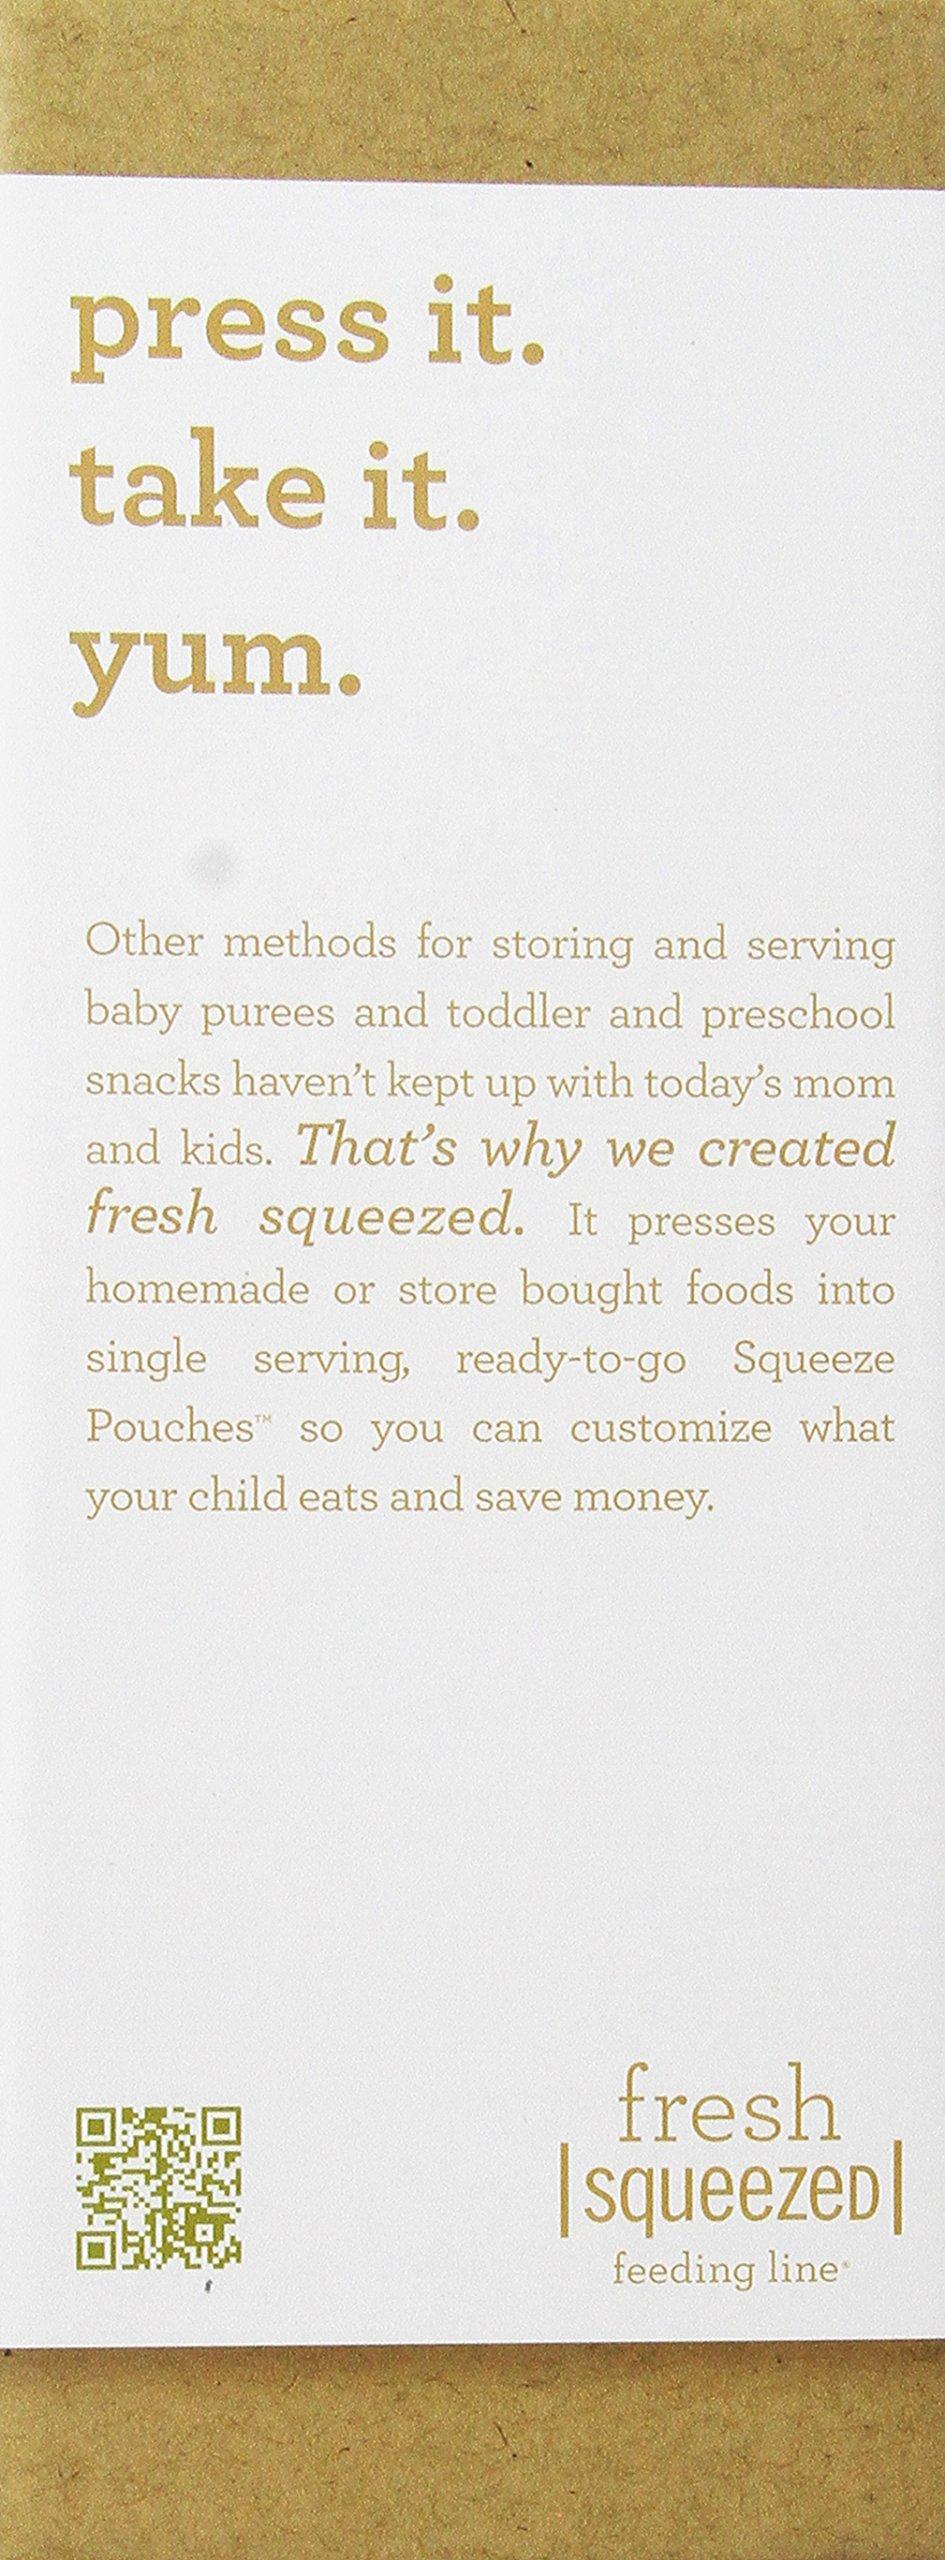 Infantino Freezer Sleeve by Infantino (Image #3)